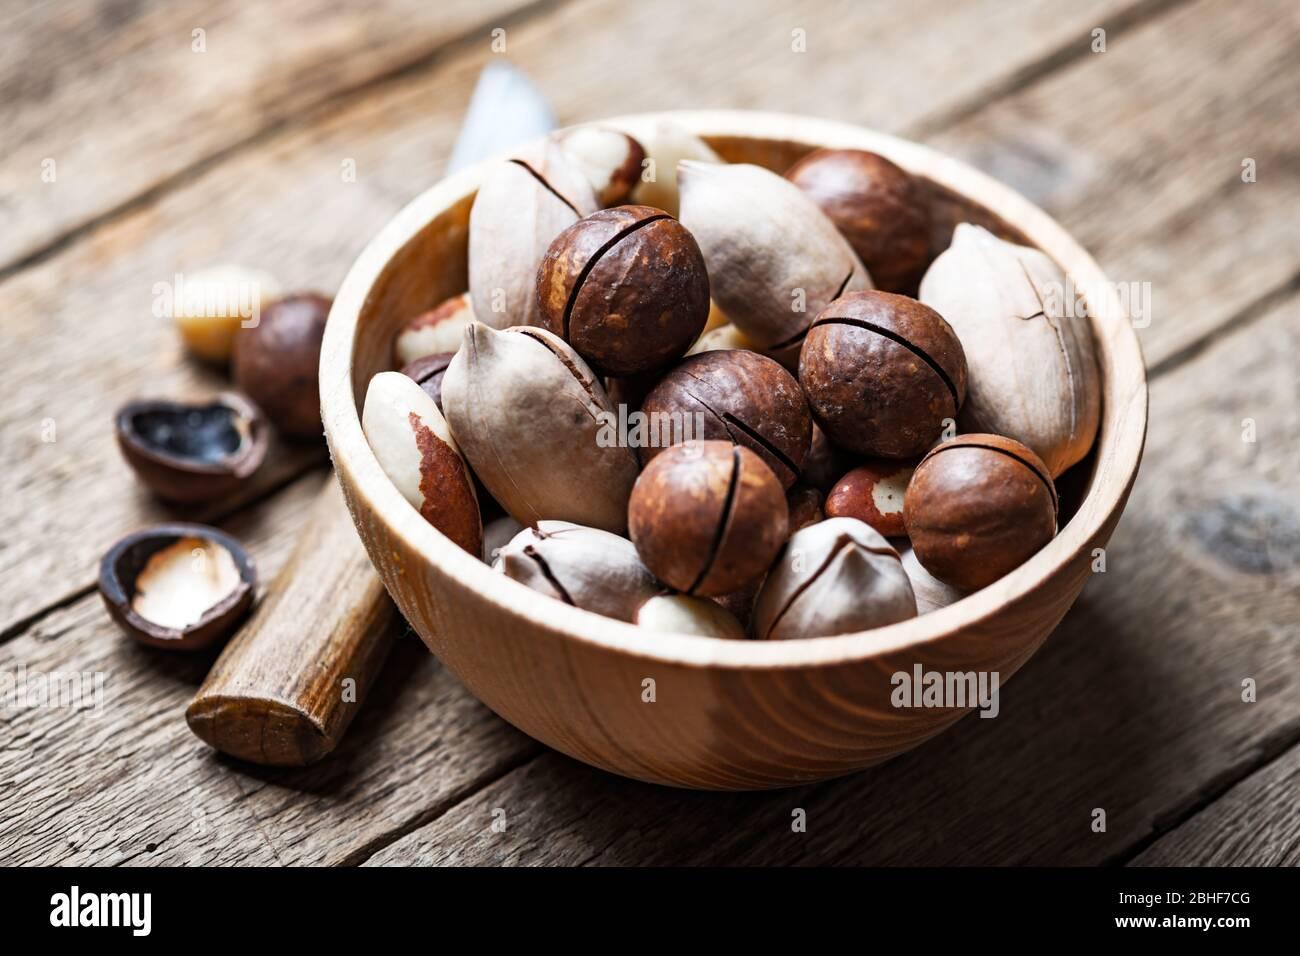 Nueces mixtas secas en un cuenco de madera de primer plano. Nueces de macadamia, pacán y Brasil con cuchillo sobre mesa de madera. Disparo macro de estudio. Foto de stock